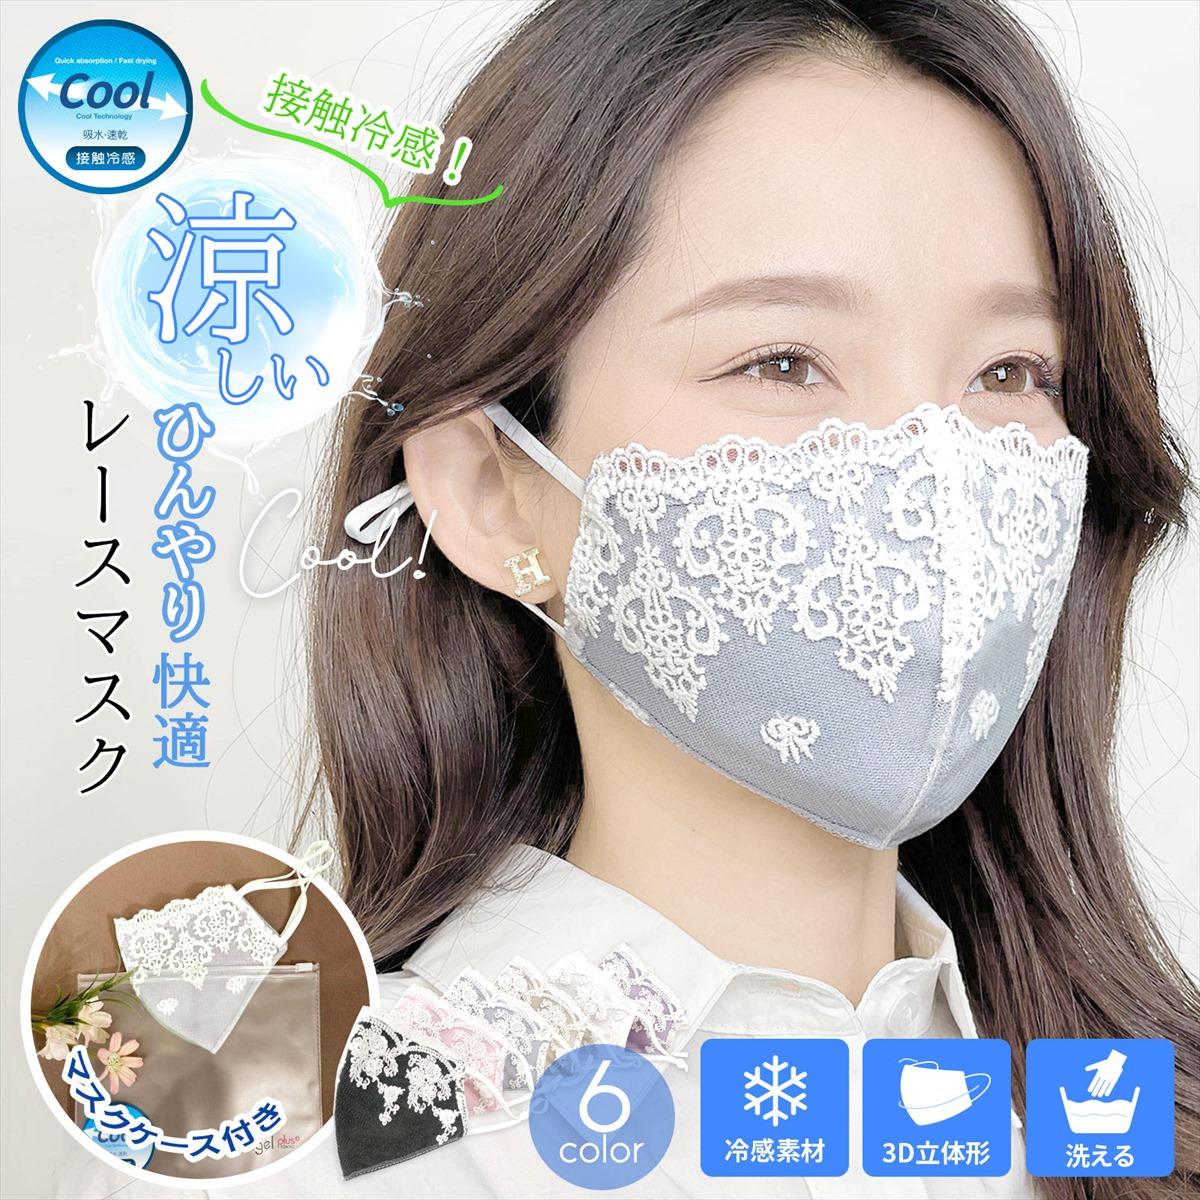 夏マスク [アジャスターつき]上品チュールレース美麗マスク ロココ柄 洗えるマスク 吸水速乾 [RC021]